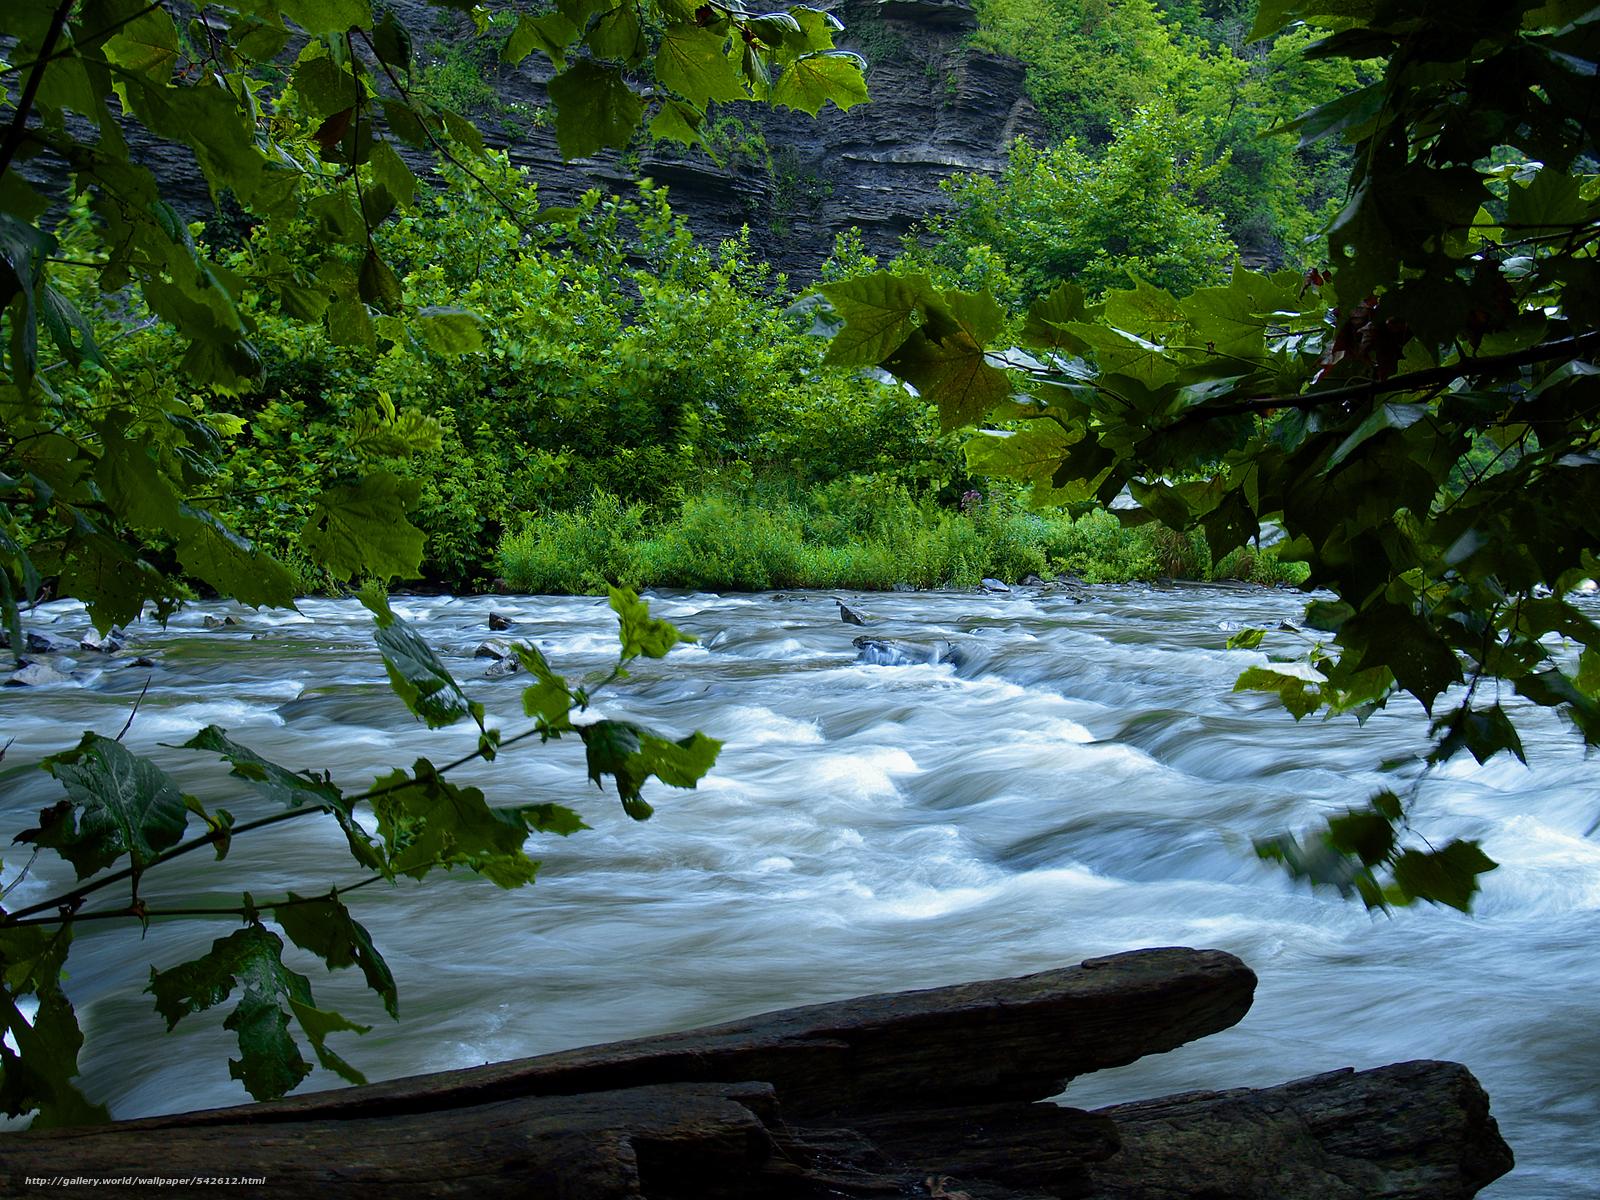 壁紙をダウンロード 川,  もちろん,  木,  自然 デスクトップの解像度のための無料壁紙 3200x2400 — 絵 №542612